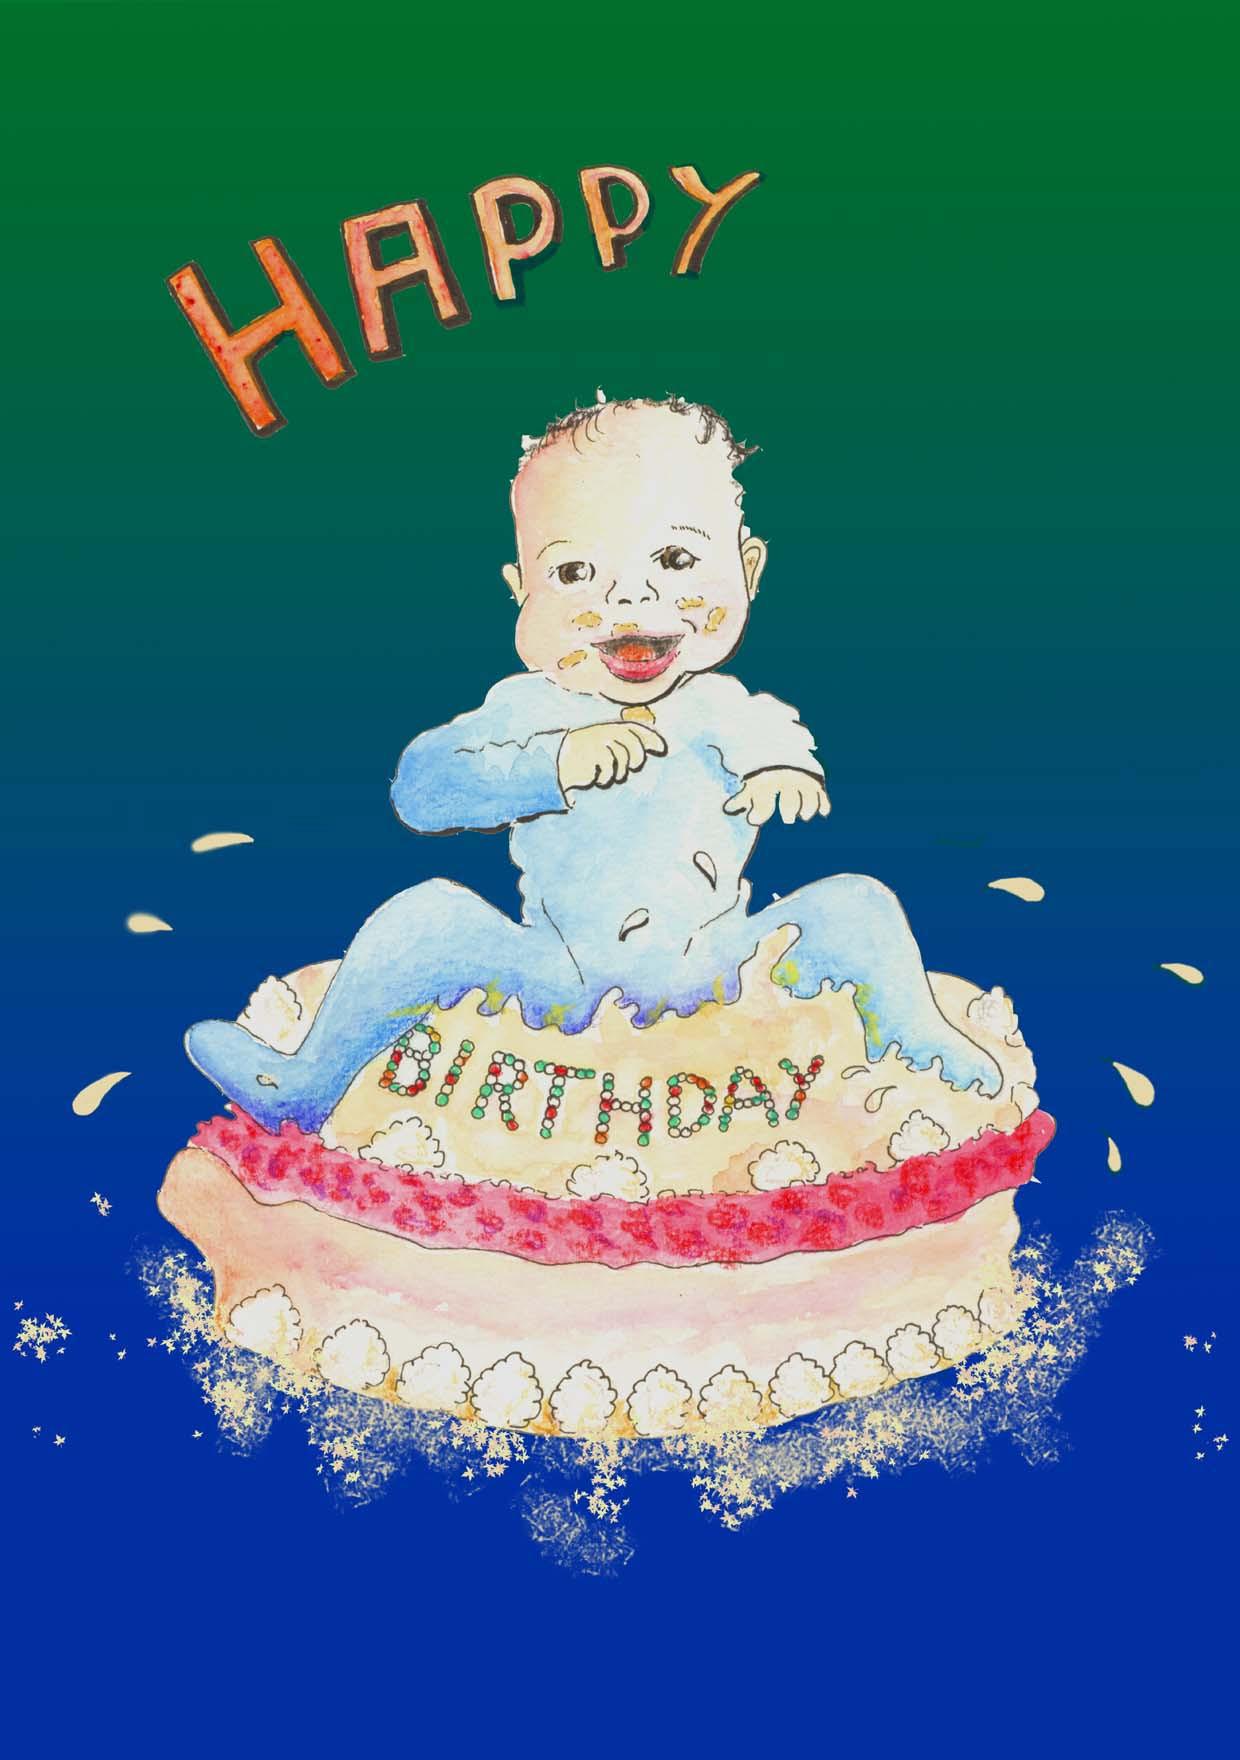 Geburtstagswünsche Zum 1 Geburtstag Von Den Großeltern  Glückwunsch Karte zum Herunterladen